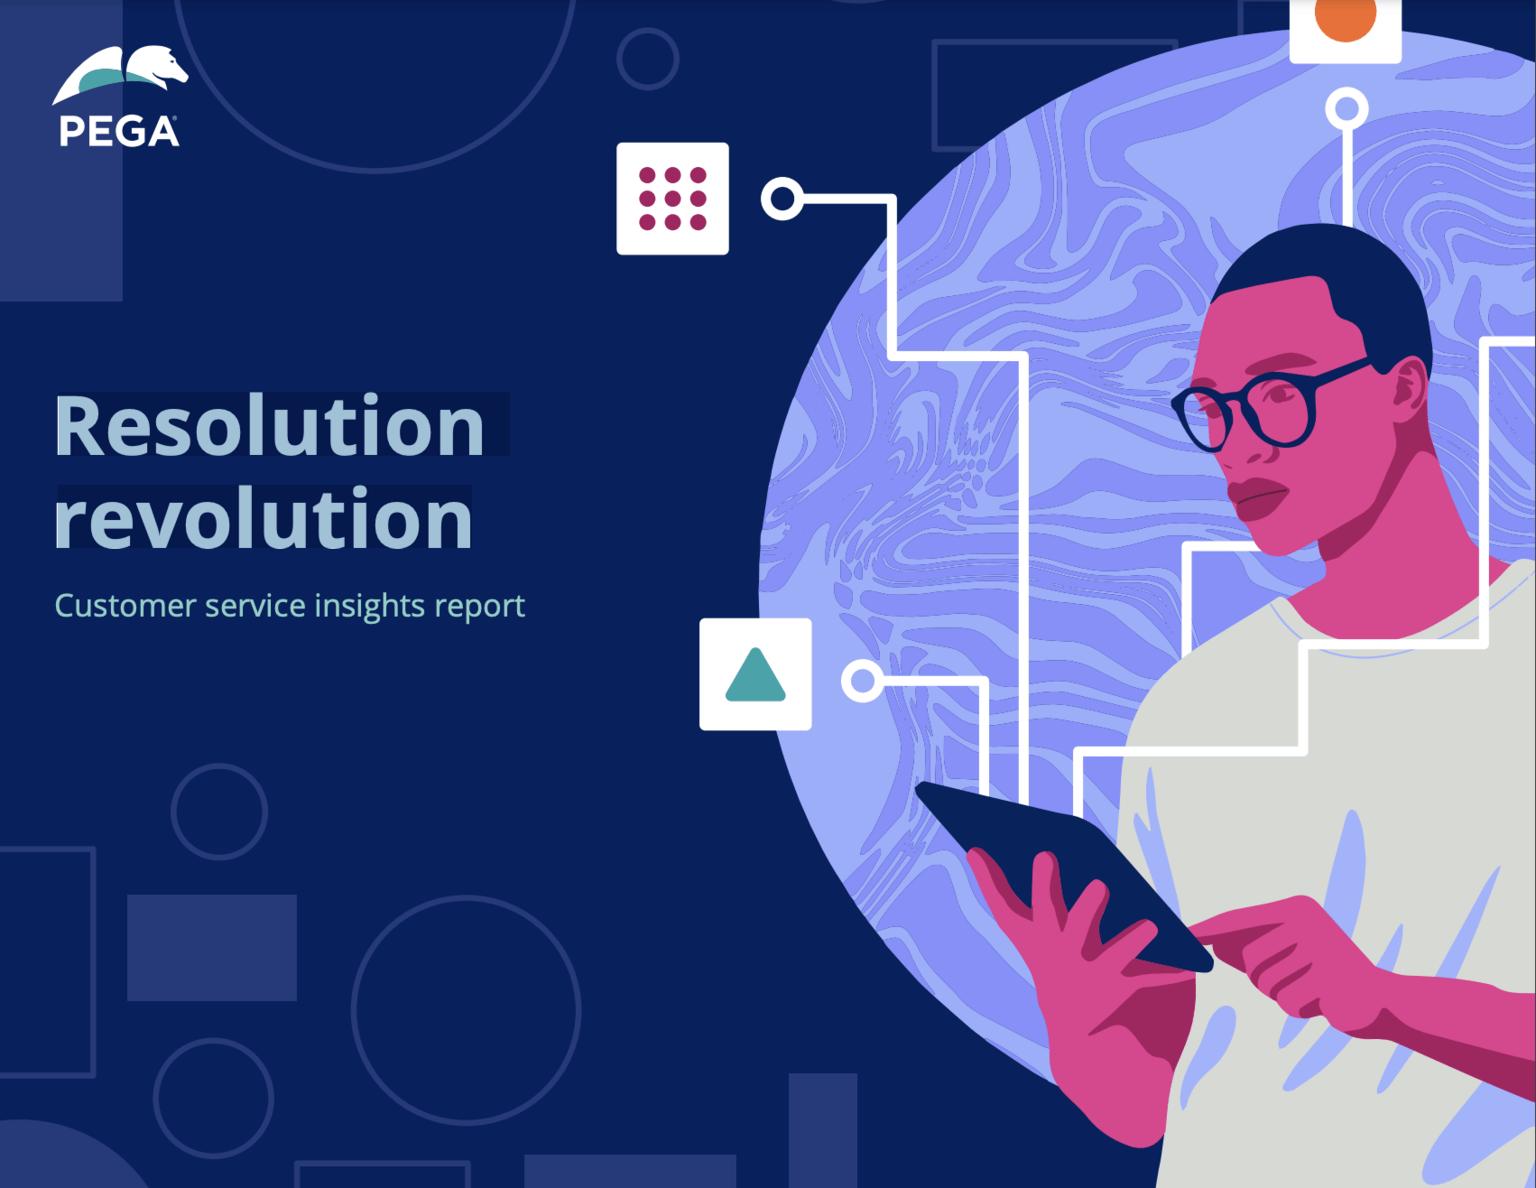 Resolution-revolution